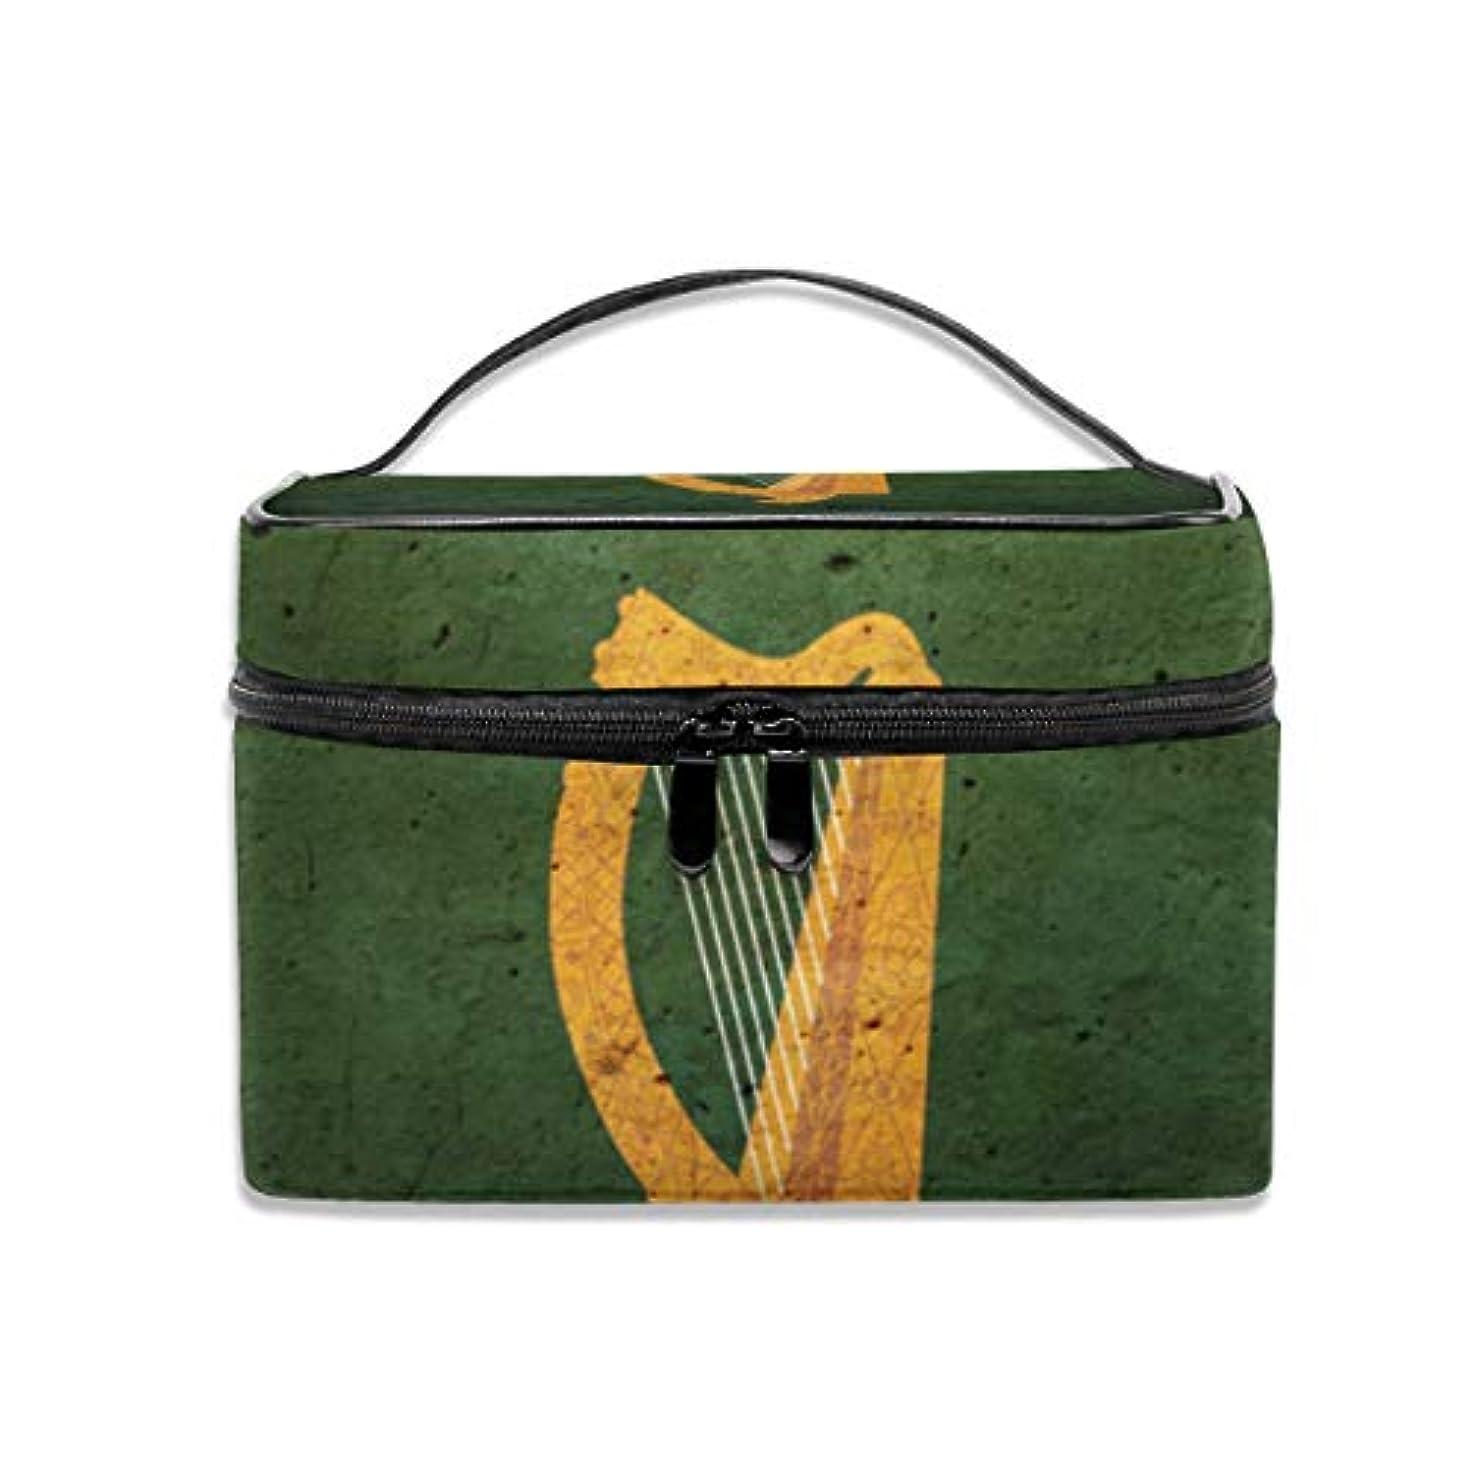 人物肘タイトル化粧ポーチアイルランド ハープ メイクポーチ コスメバッグ 収納 雑貨大容量 小物入れ 旅行用